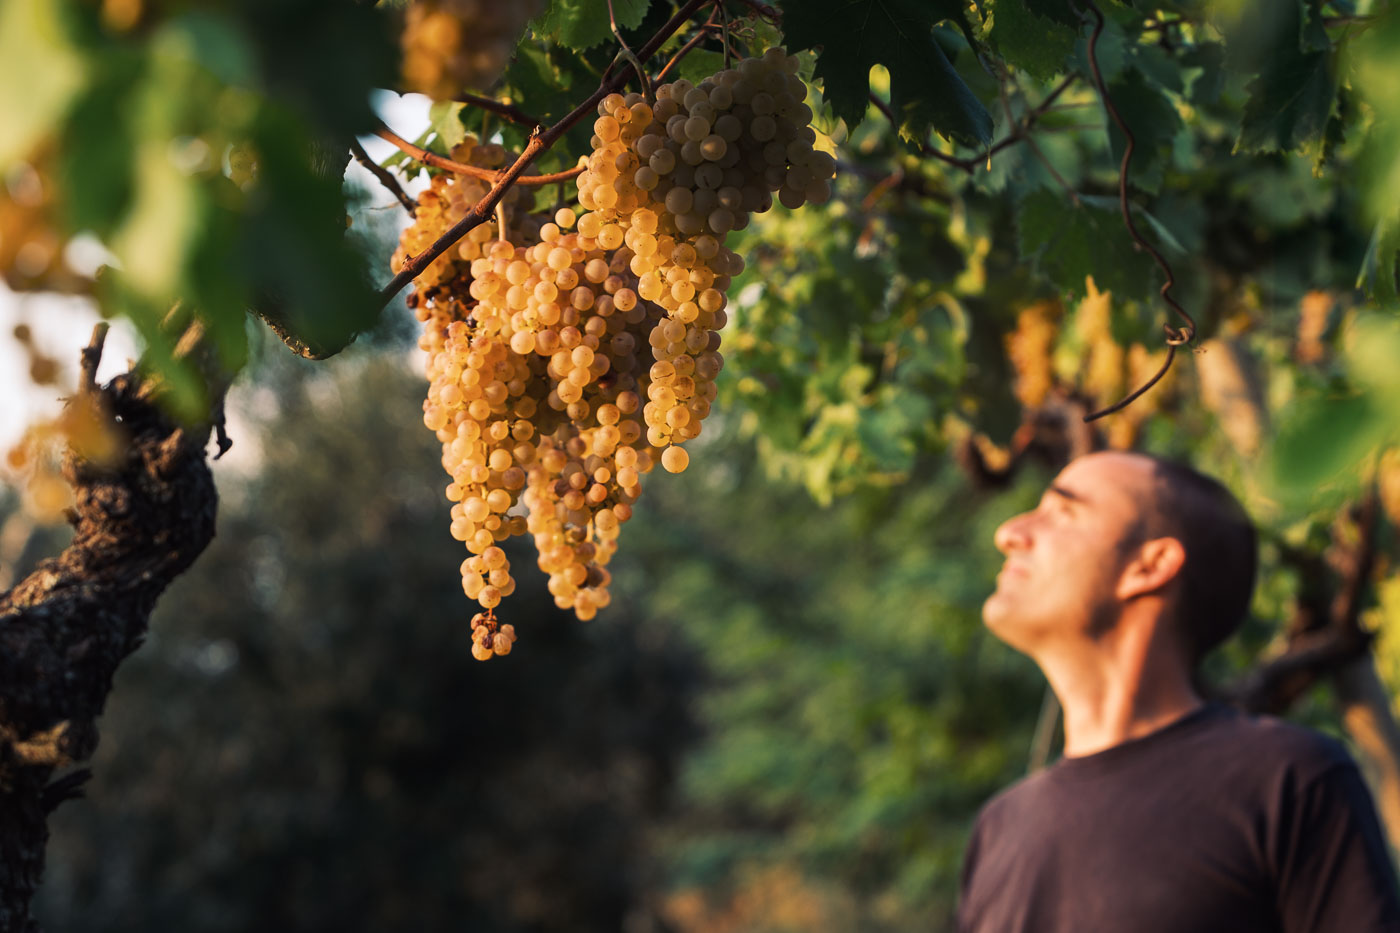 vendemmia-naturale-vino-uva-gambellara-garganega-maule-sauro-fotografo-rui-_RUI2775_p_Lr_web